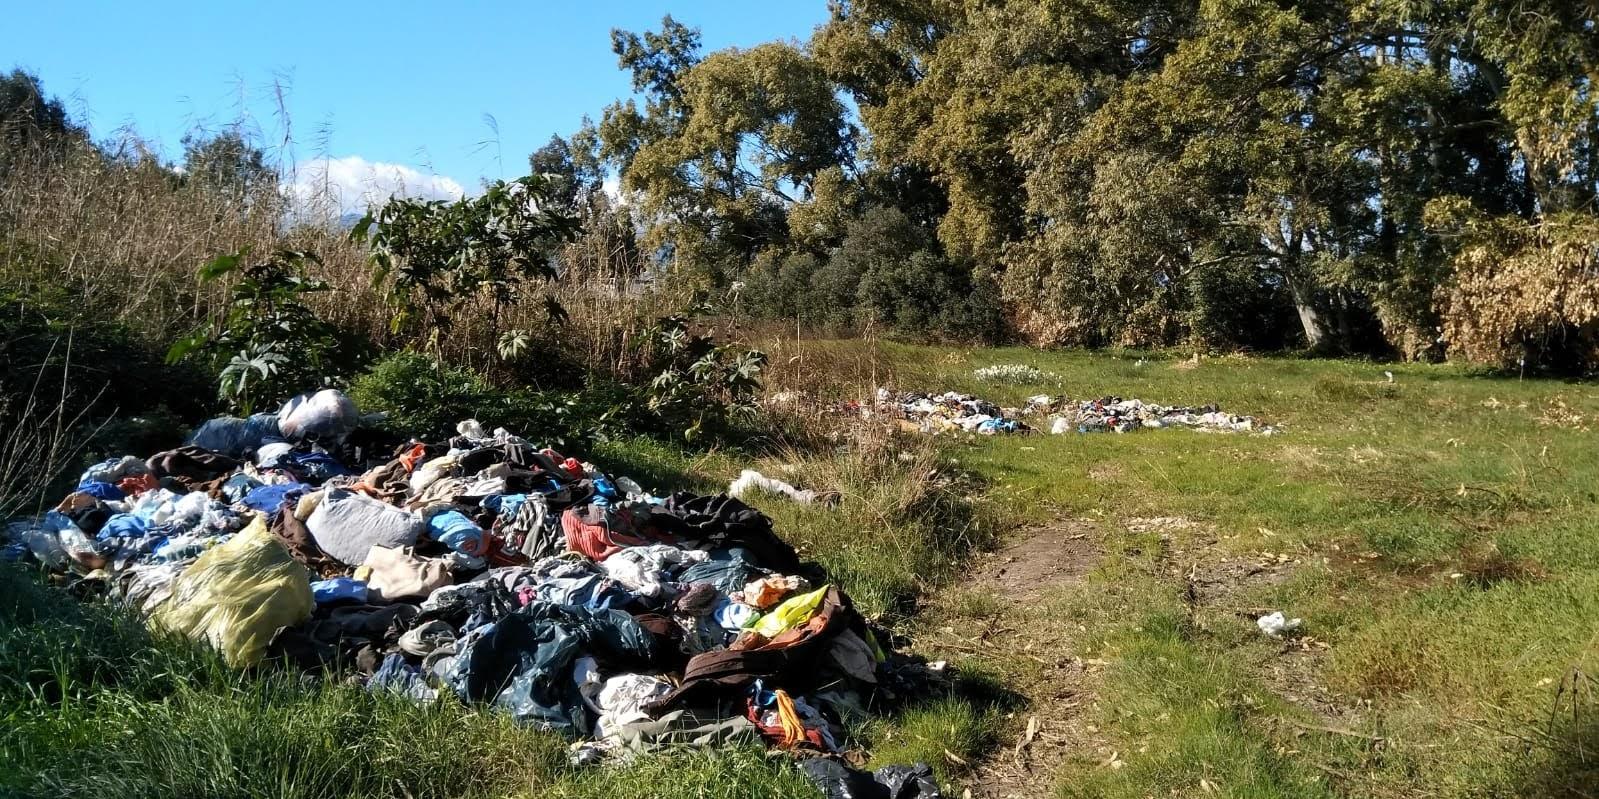 Los ecologistas denuncian el vertedero incontrolado cerca de las marismas del Rio Palmones